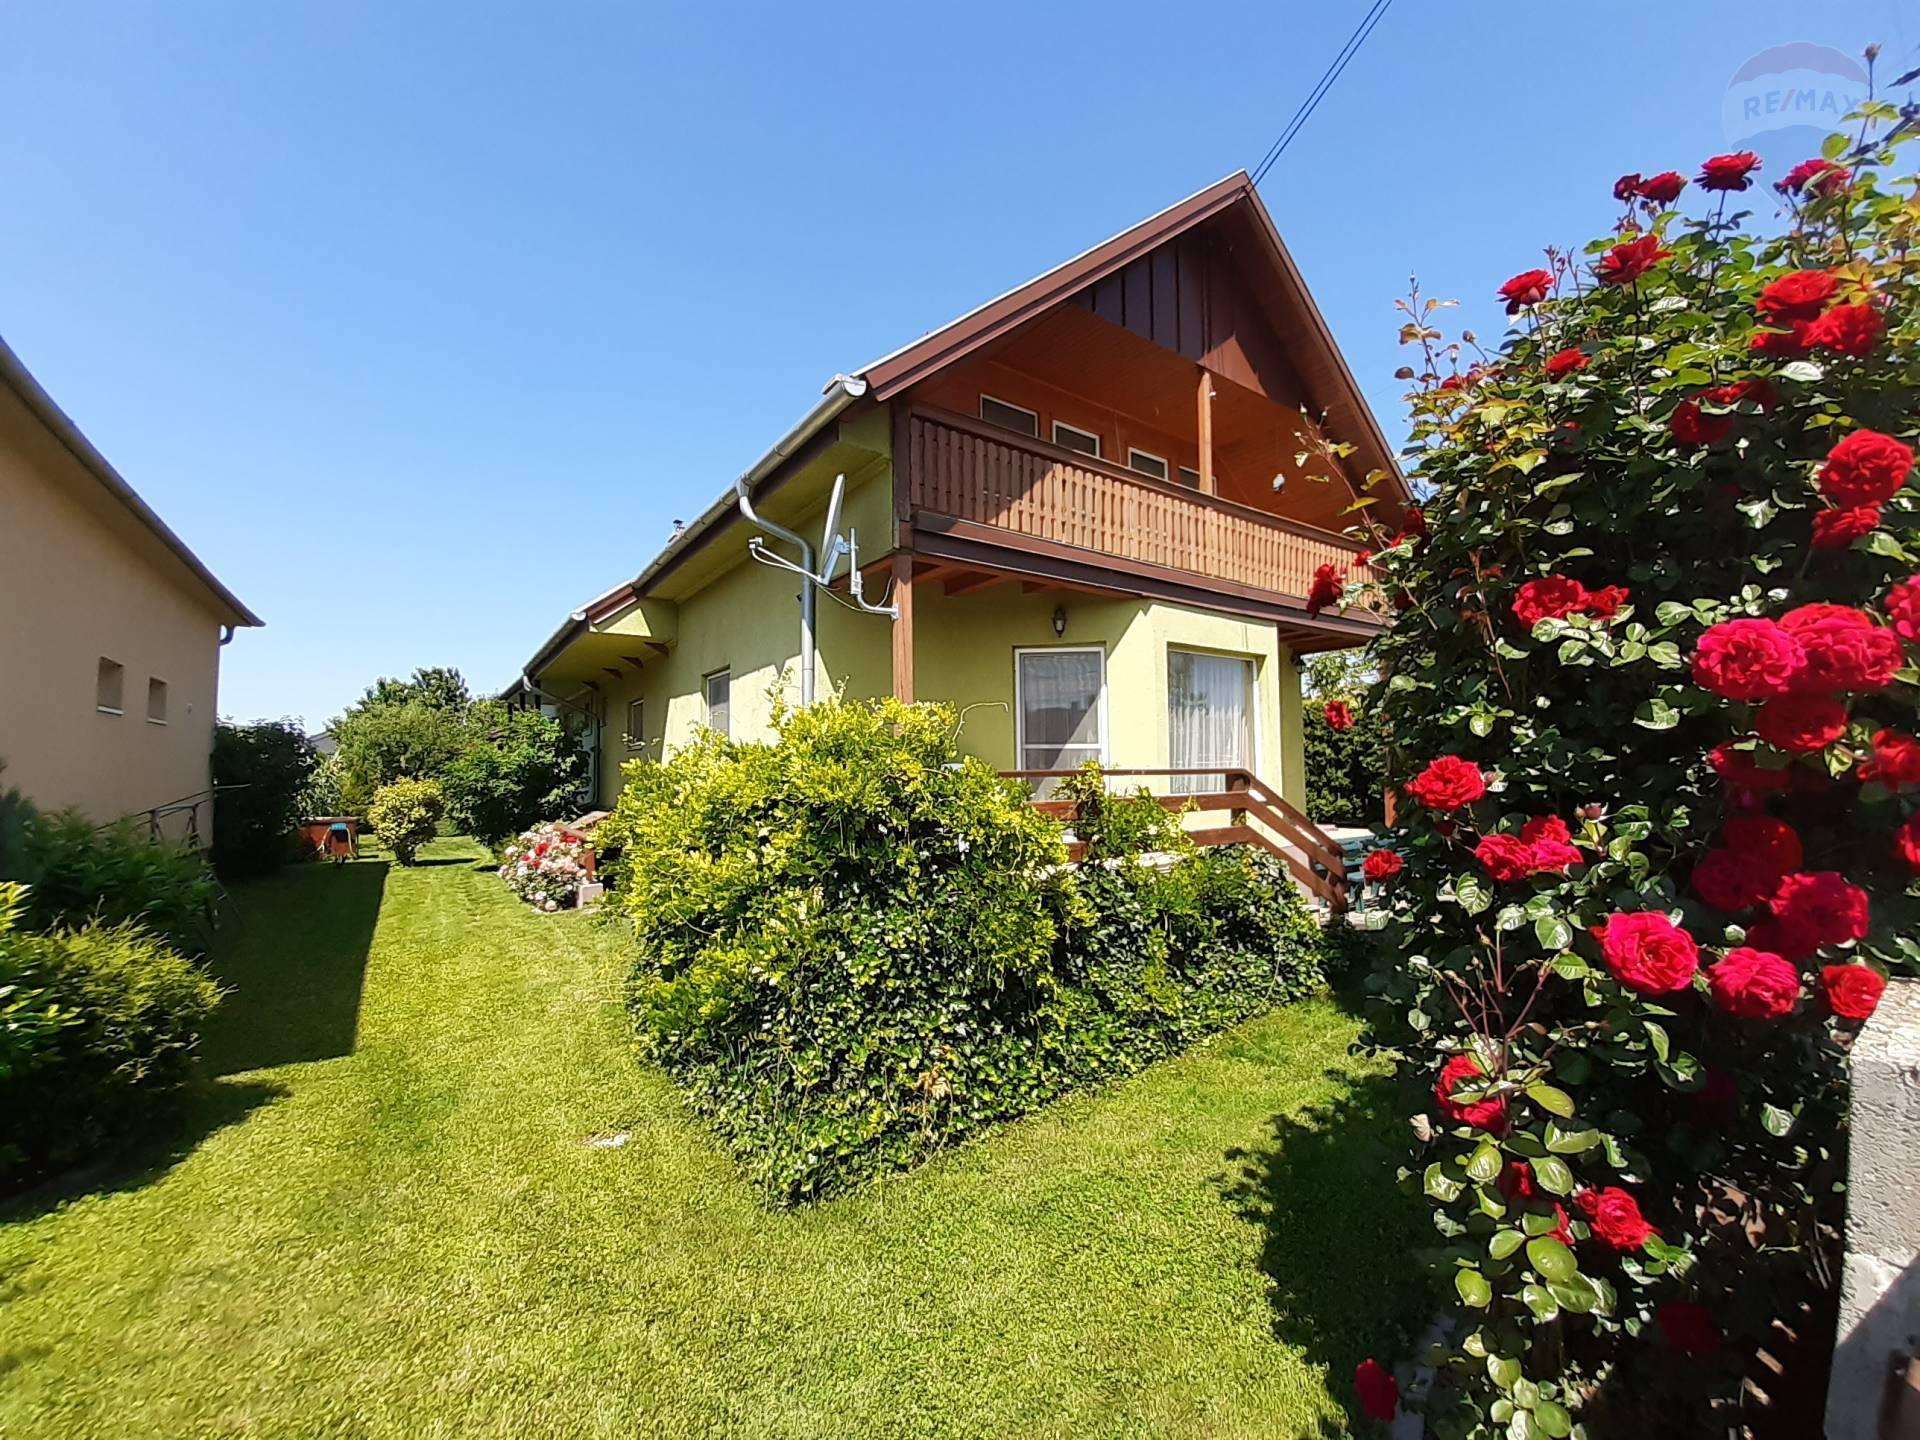 Predaj 4 izb.RD v Dunakiliti s garážou, v príjemnom prostredí, v peknej zóne nových rodinných domov